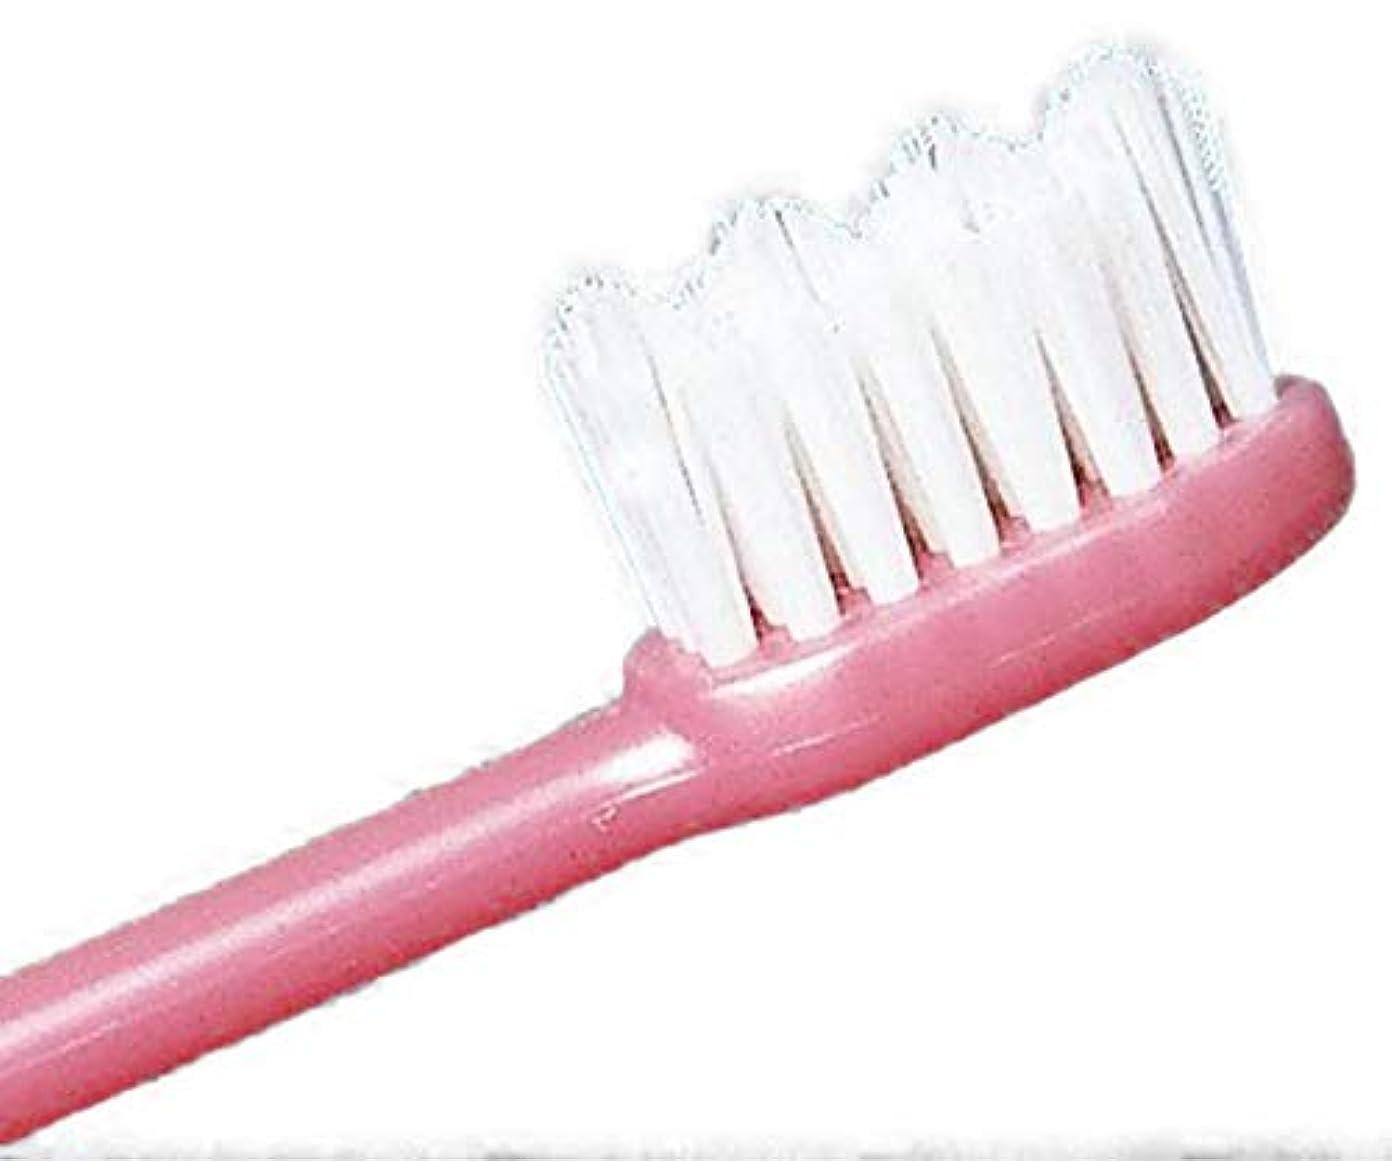 ゆり迅速リンケージFJK ホワイト歯ブラシ「水だけのブラッシングでもOK!」3本セット